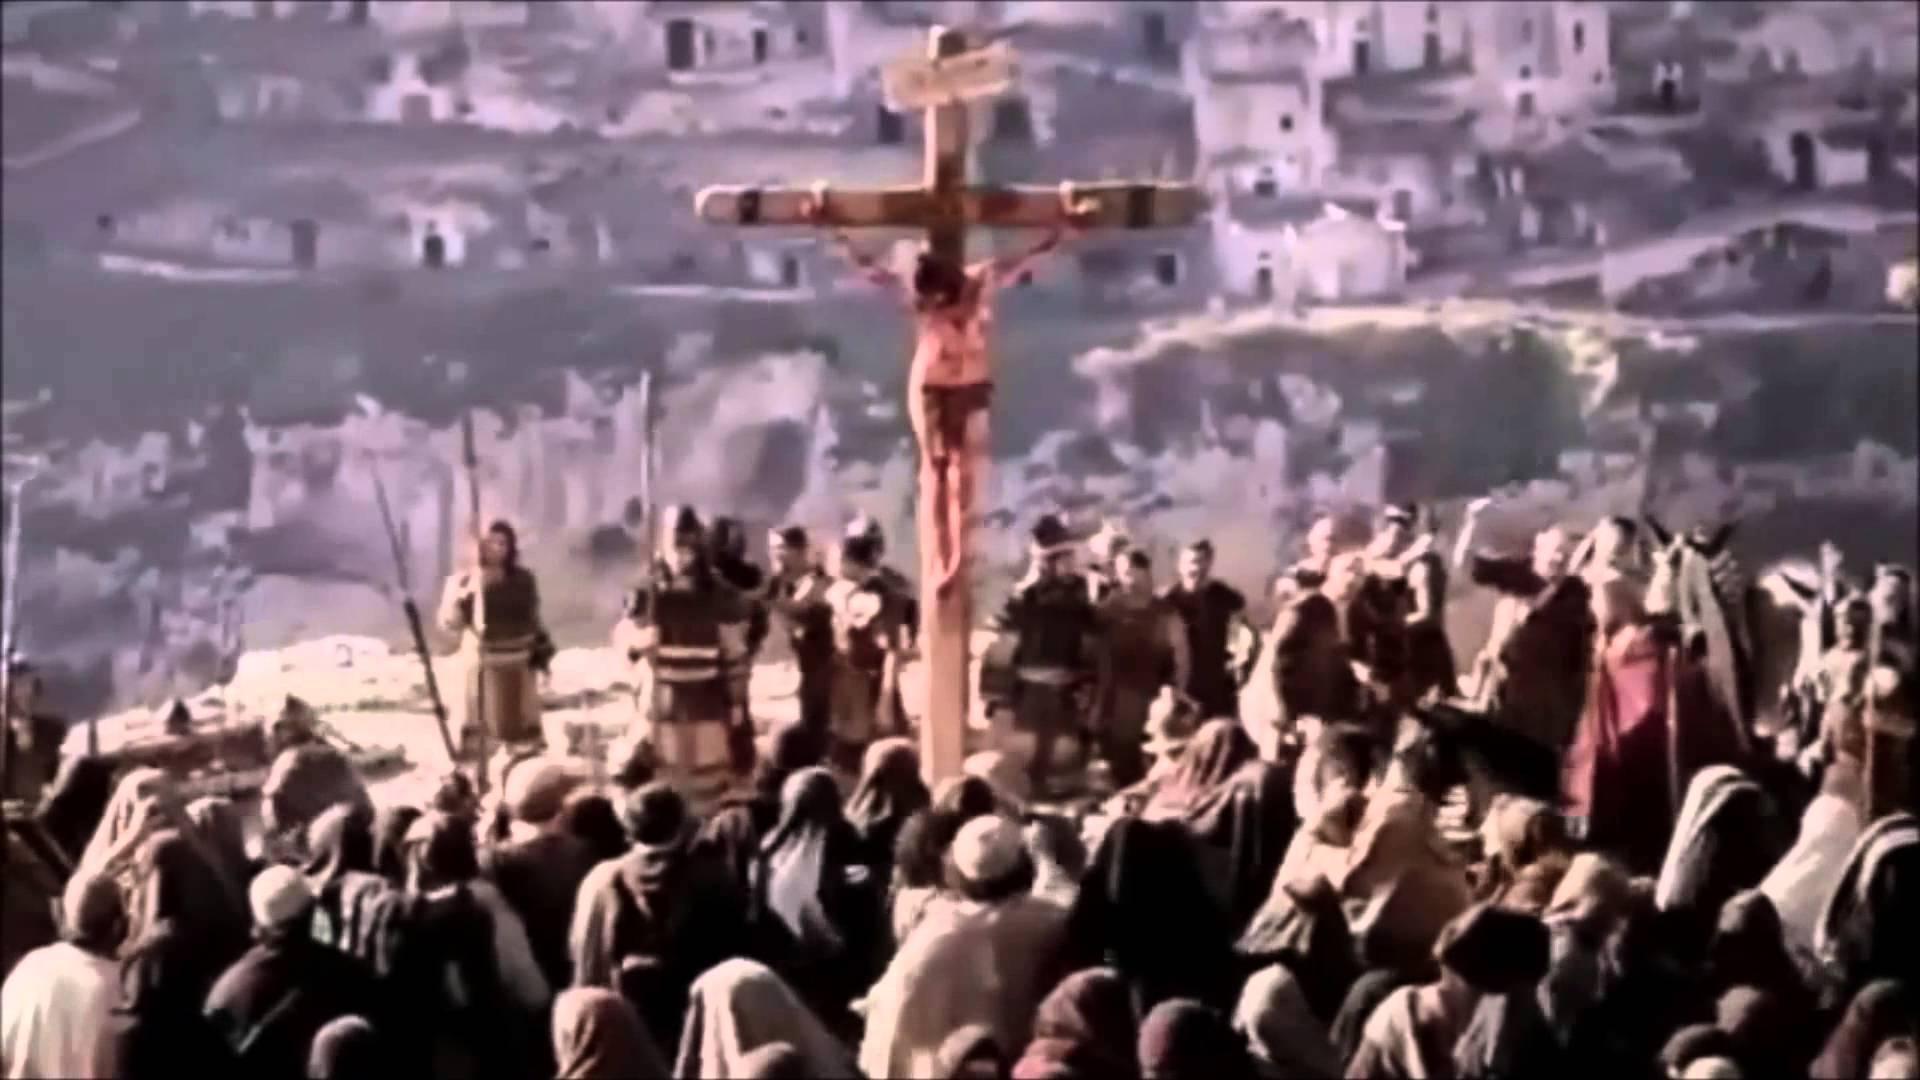 Lijden en wederopstanding van Jezus (filmpje)